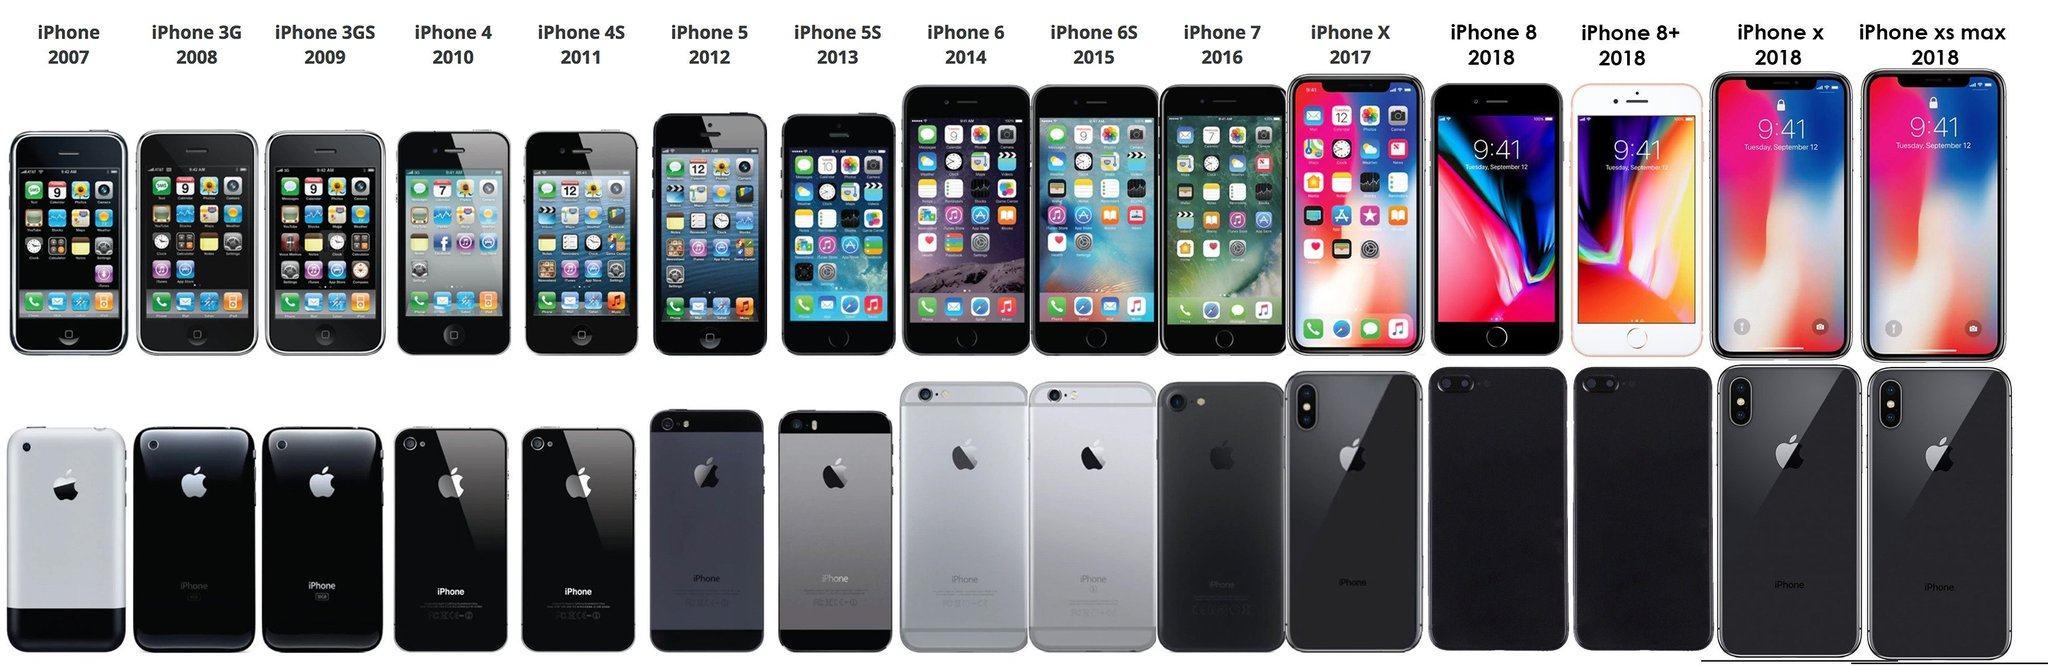 苹果或推中国特色版iPhone 取消人脸识别改为屏下指纹